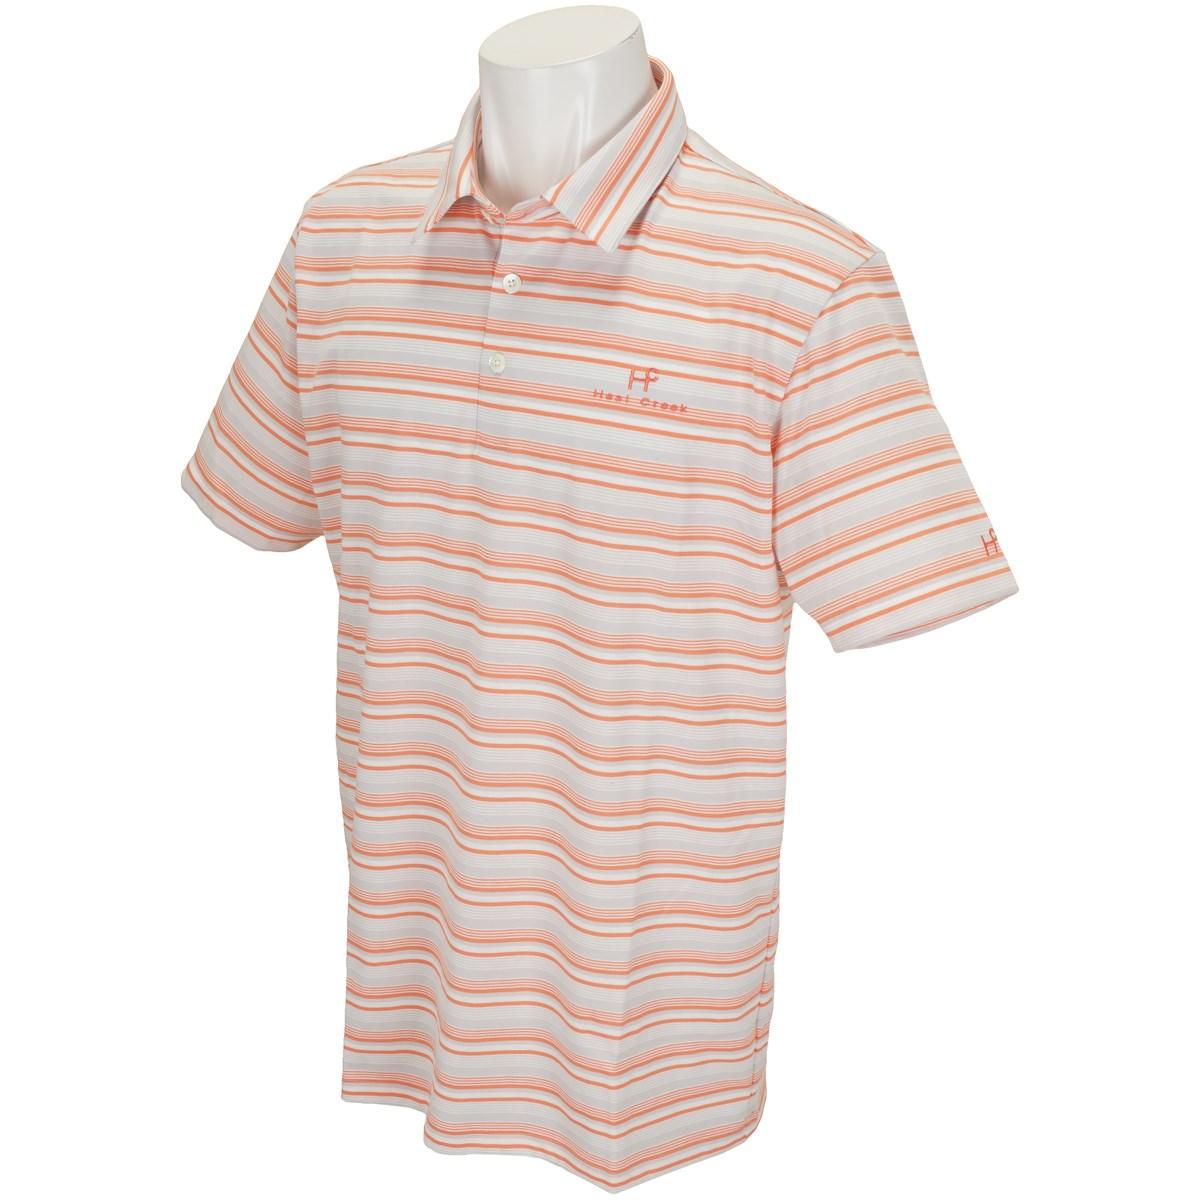 ヒールクリーク 半袖ポロシャツ